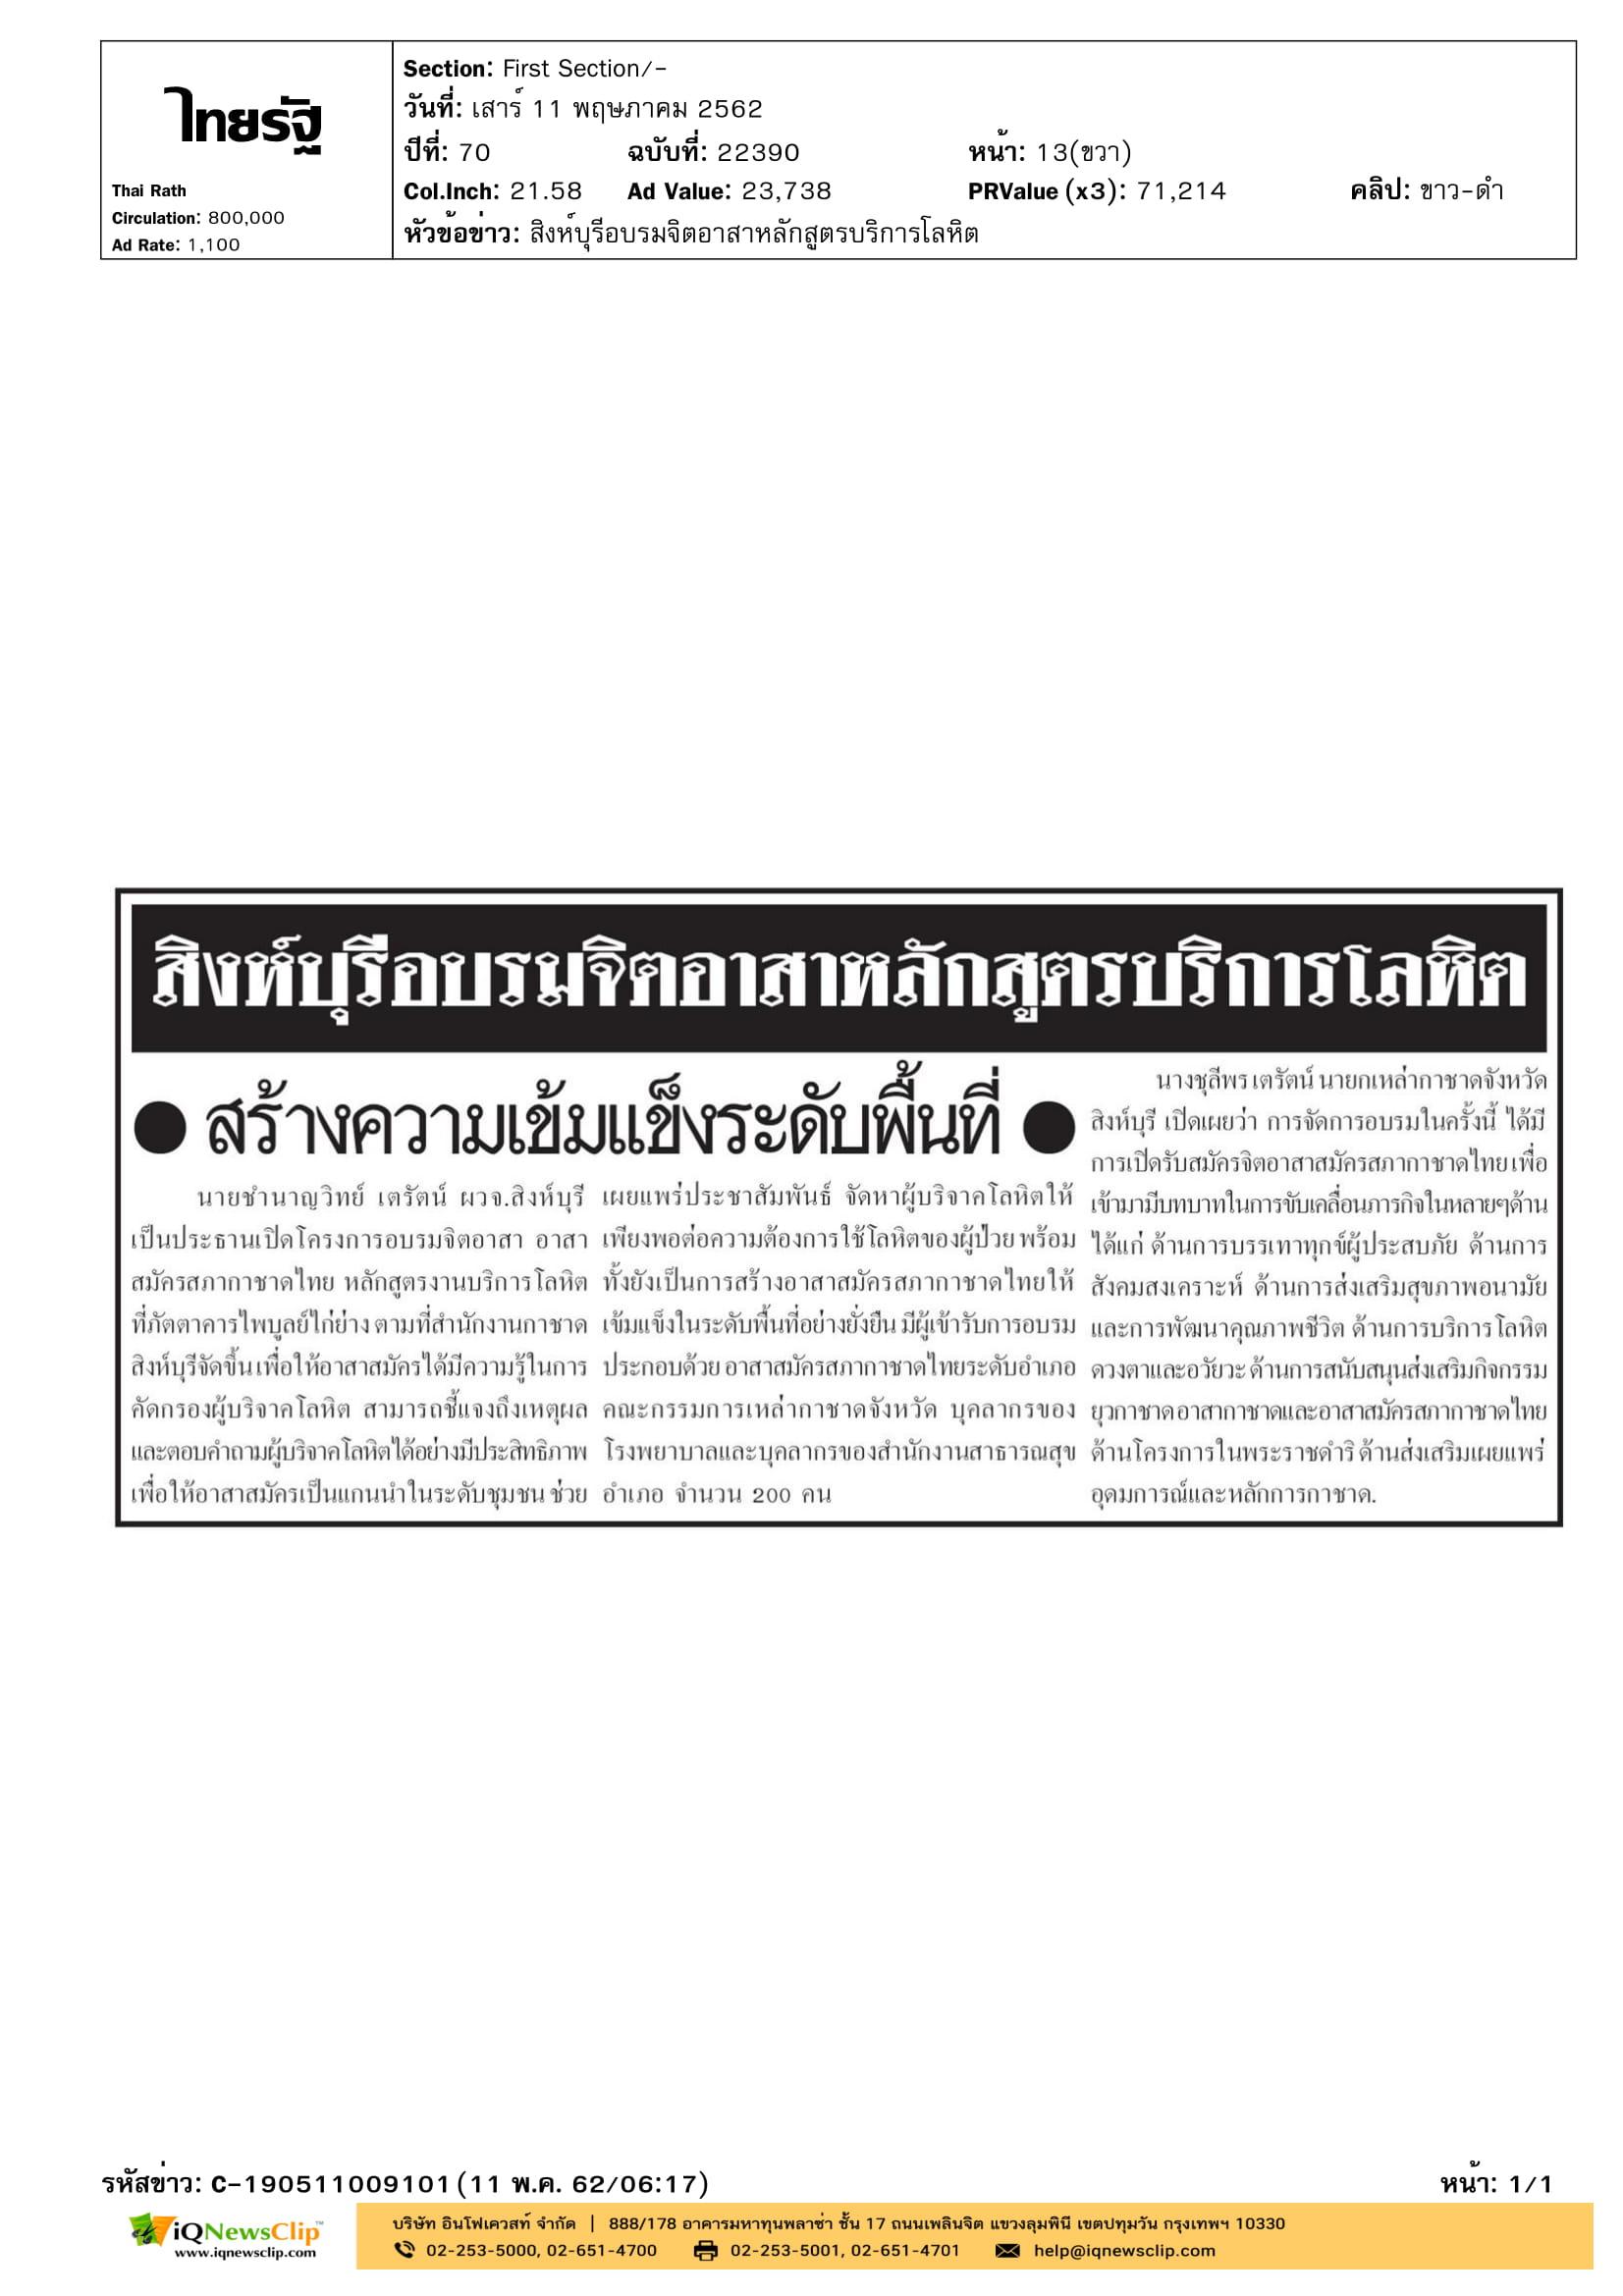 อบรมจิตอาสา อาสาสมัครสภากาชาดไทย หลักสูตรงานบริการโลหิต